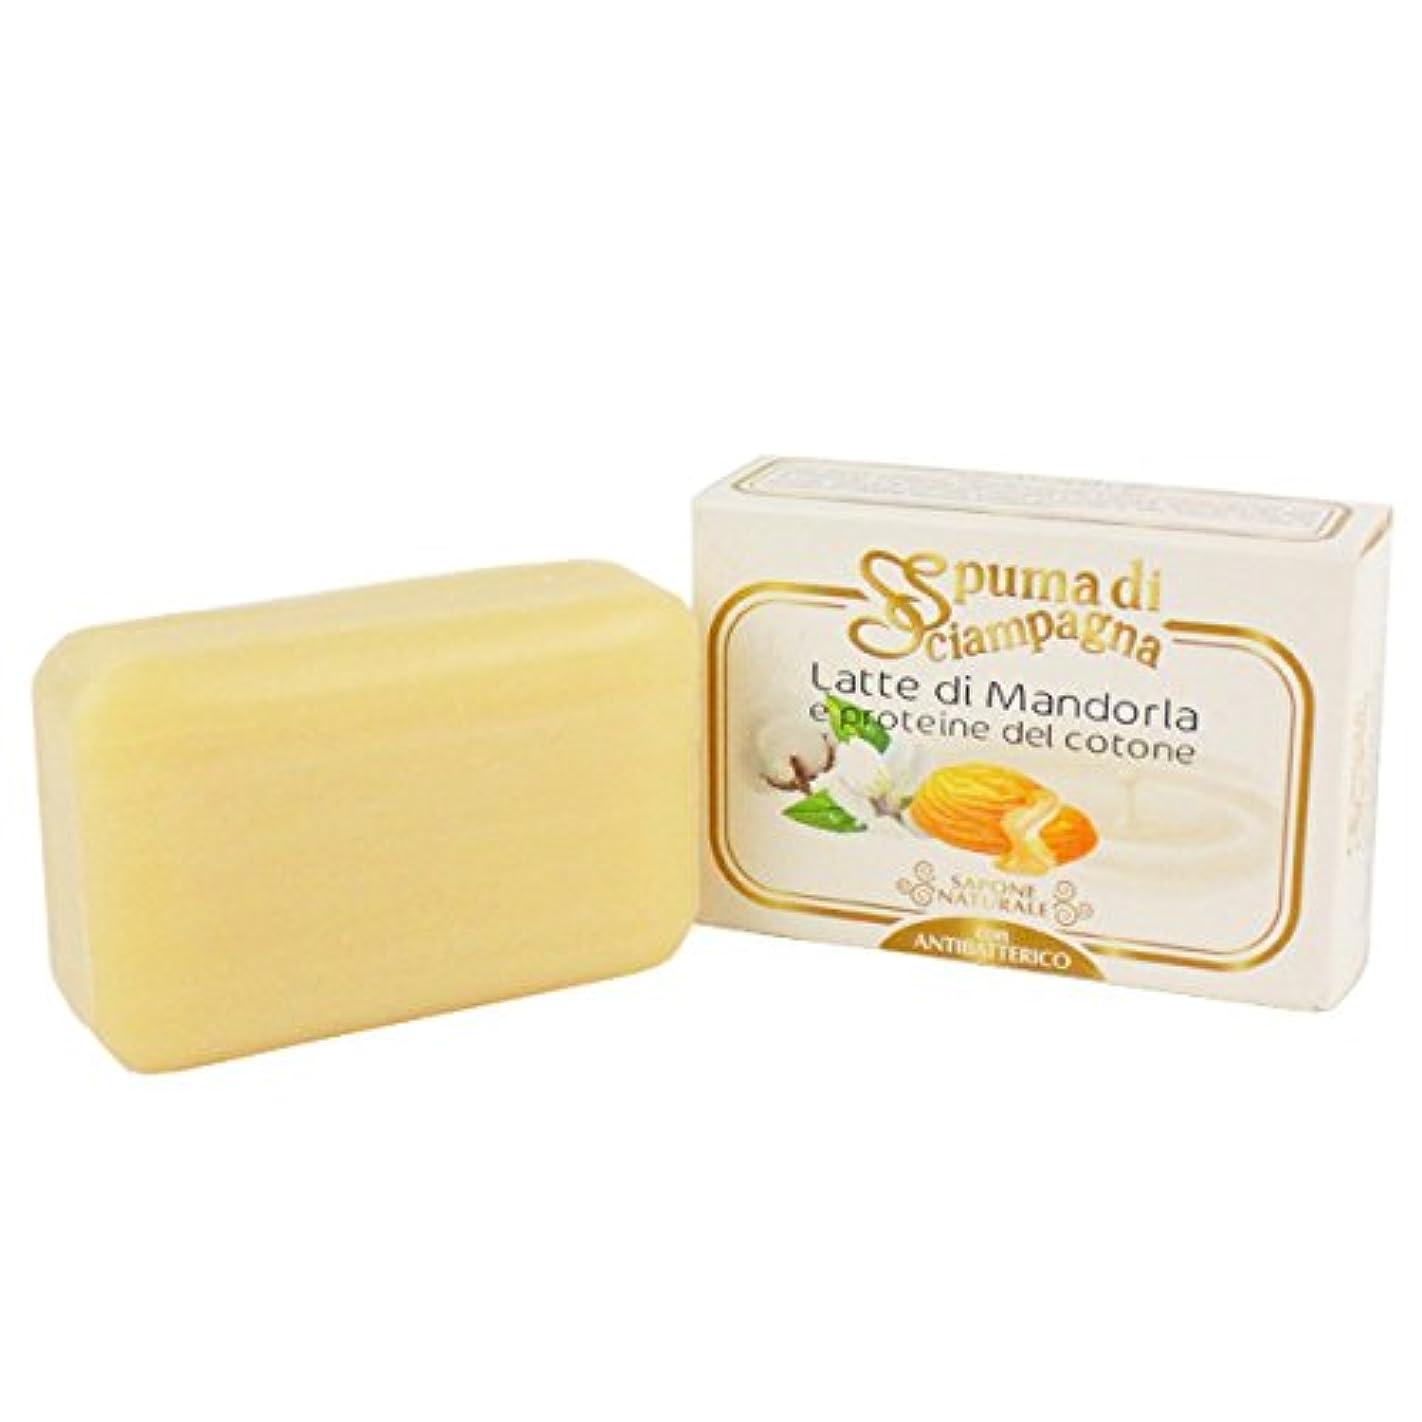 プレミア例外骨の折れるSpuma di Sciampagna (スプーマ ディ シャンパーニャ) ナチュラルソープ 化粧石けん 145g アーモンドの香り